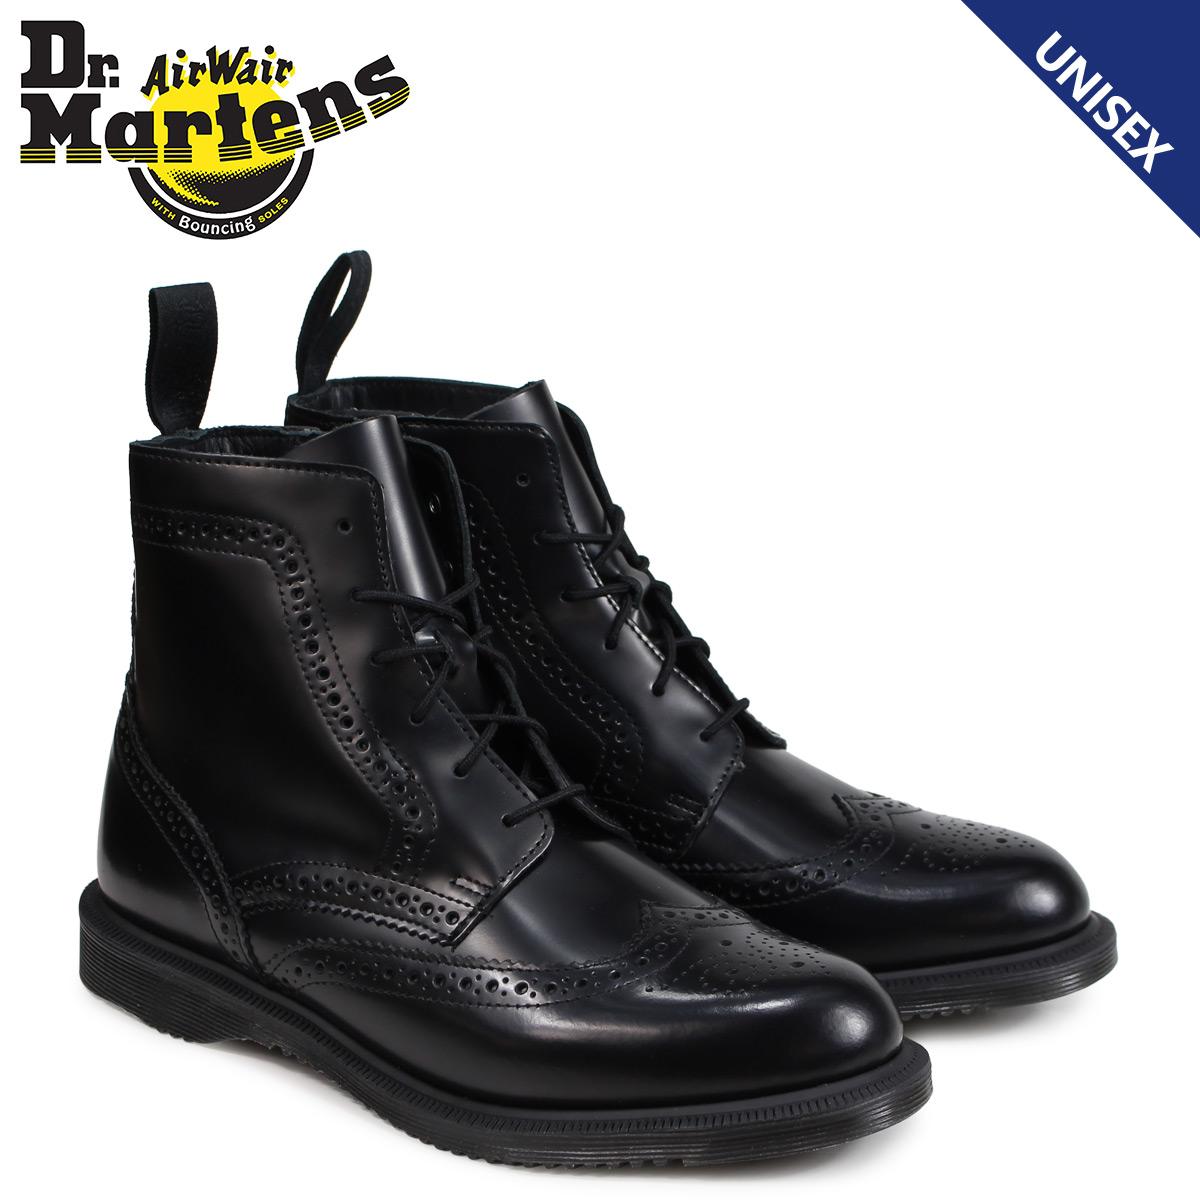 Cena hurtowa dla całej rodziny informacje dla Doctor Martin Dr.Martens 6 hall boots Lady's men DELPHINE BROGUE BOOT black  R22650001